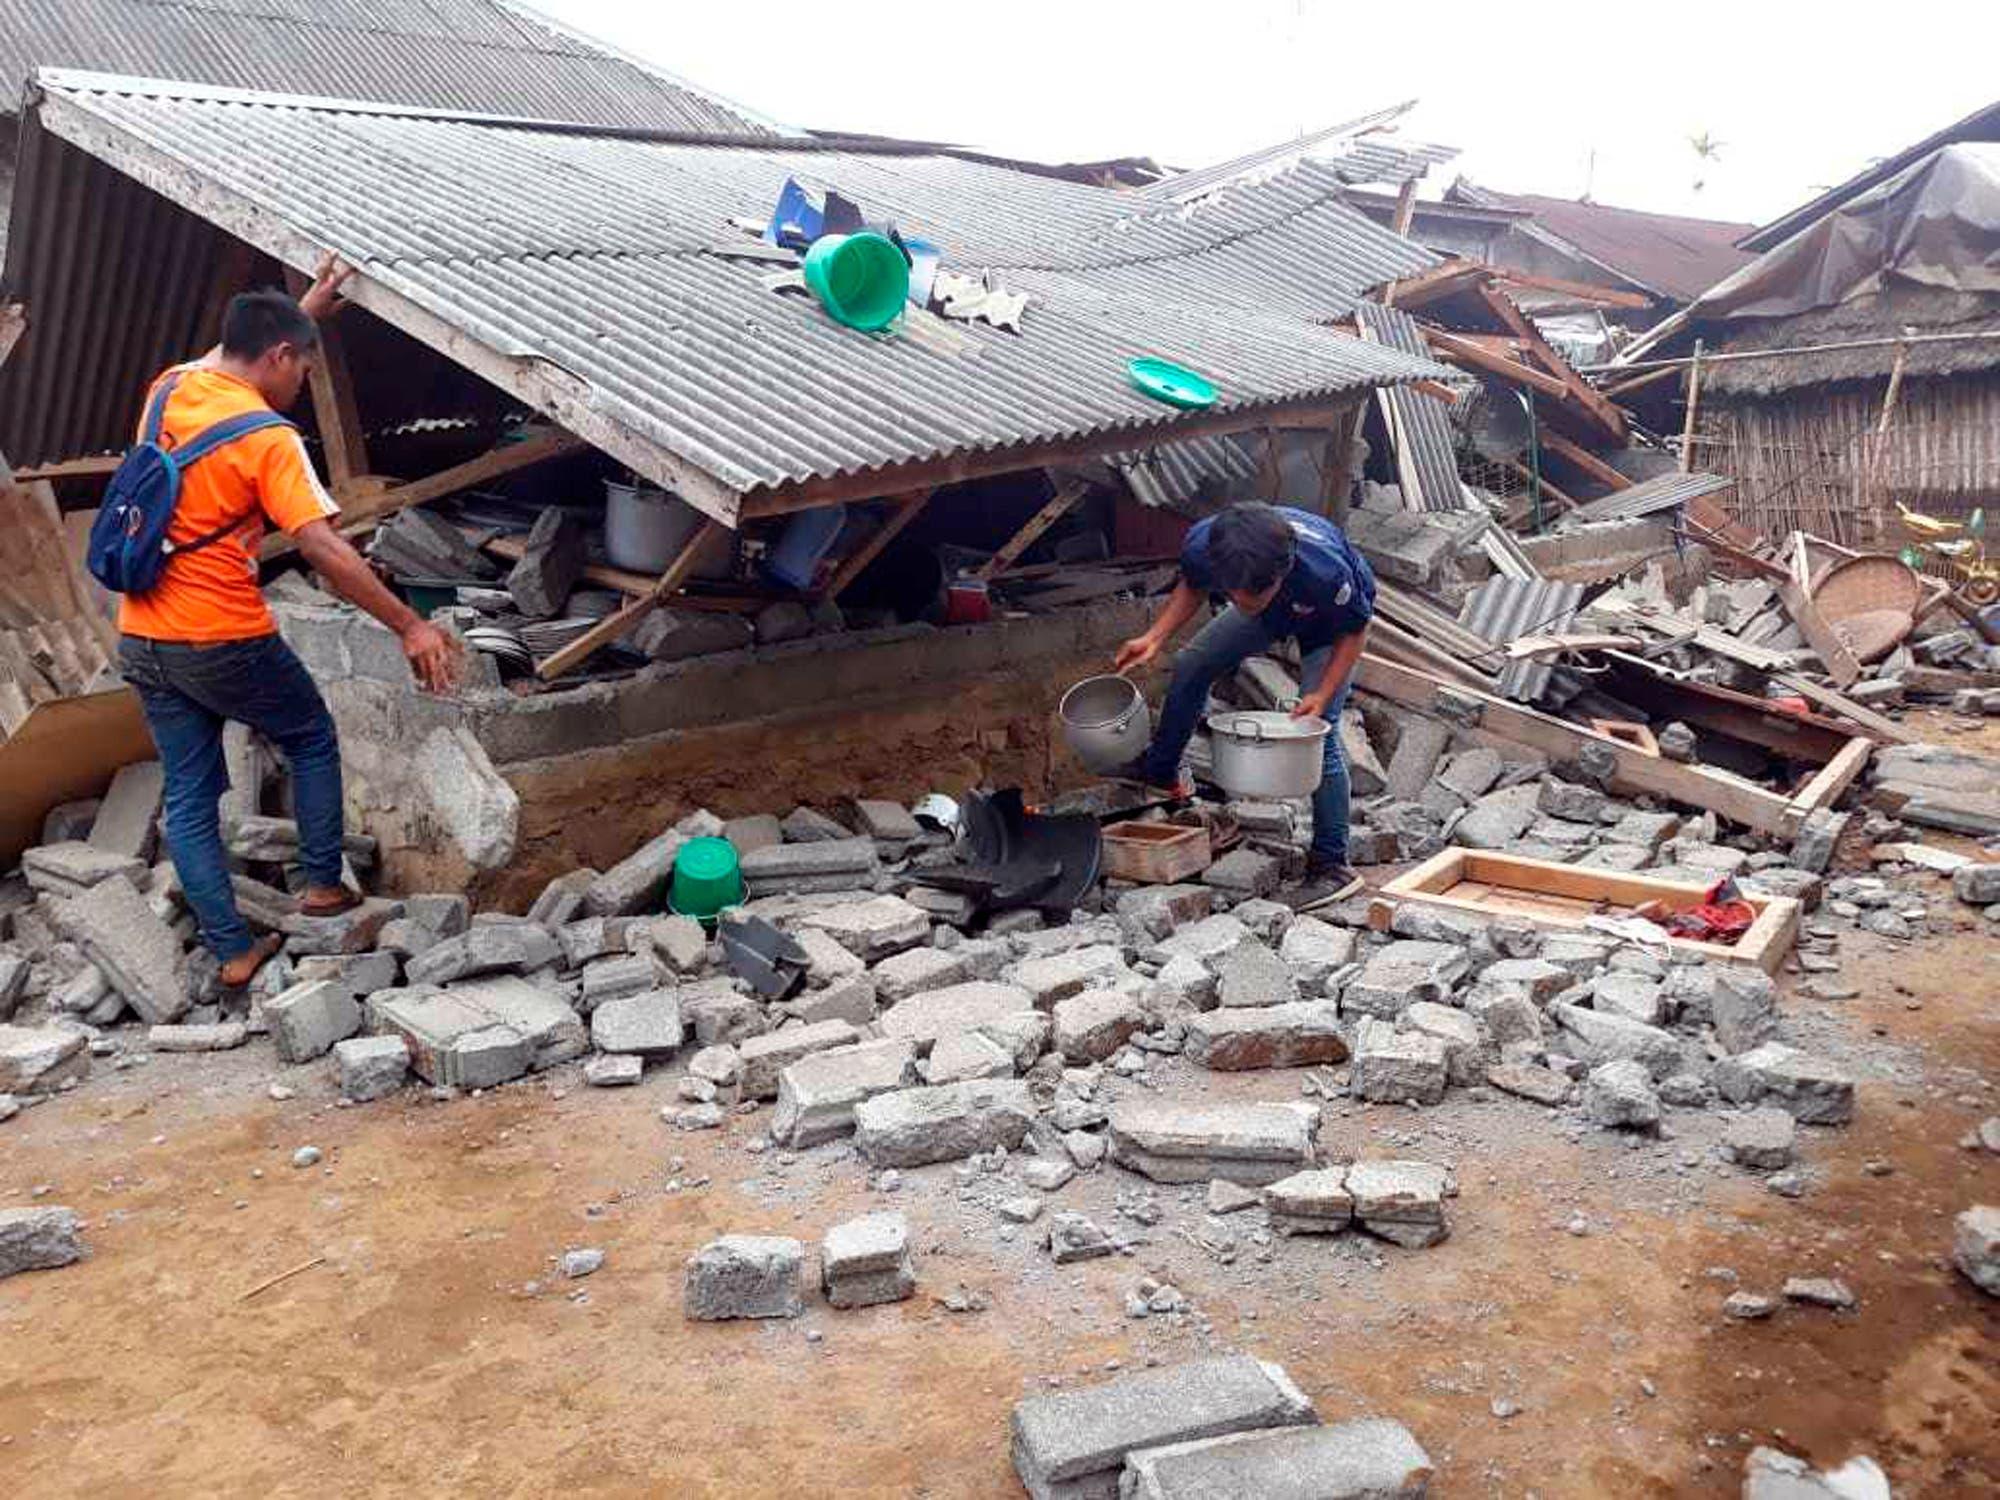 Residentes limpian los escombros dejados por un sismo que remeció la localidad de Sajang, en Sembalun, Lombok Oriental, Indonesia, el 30 de julio de 2018. (AP Foto)